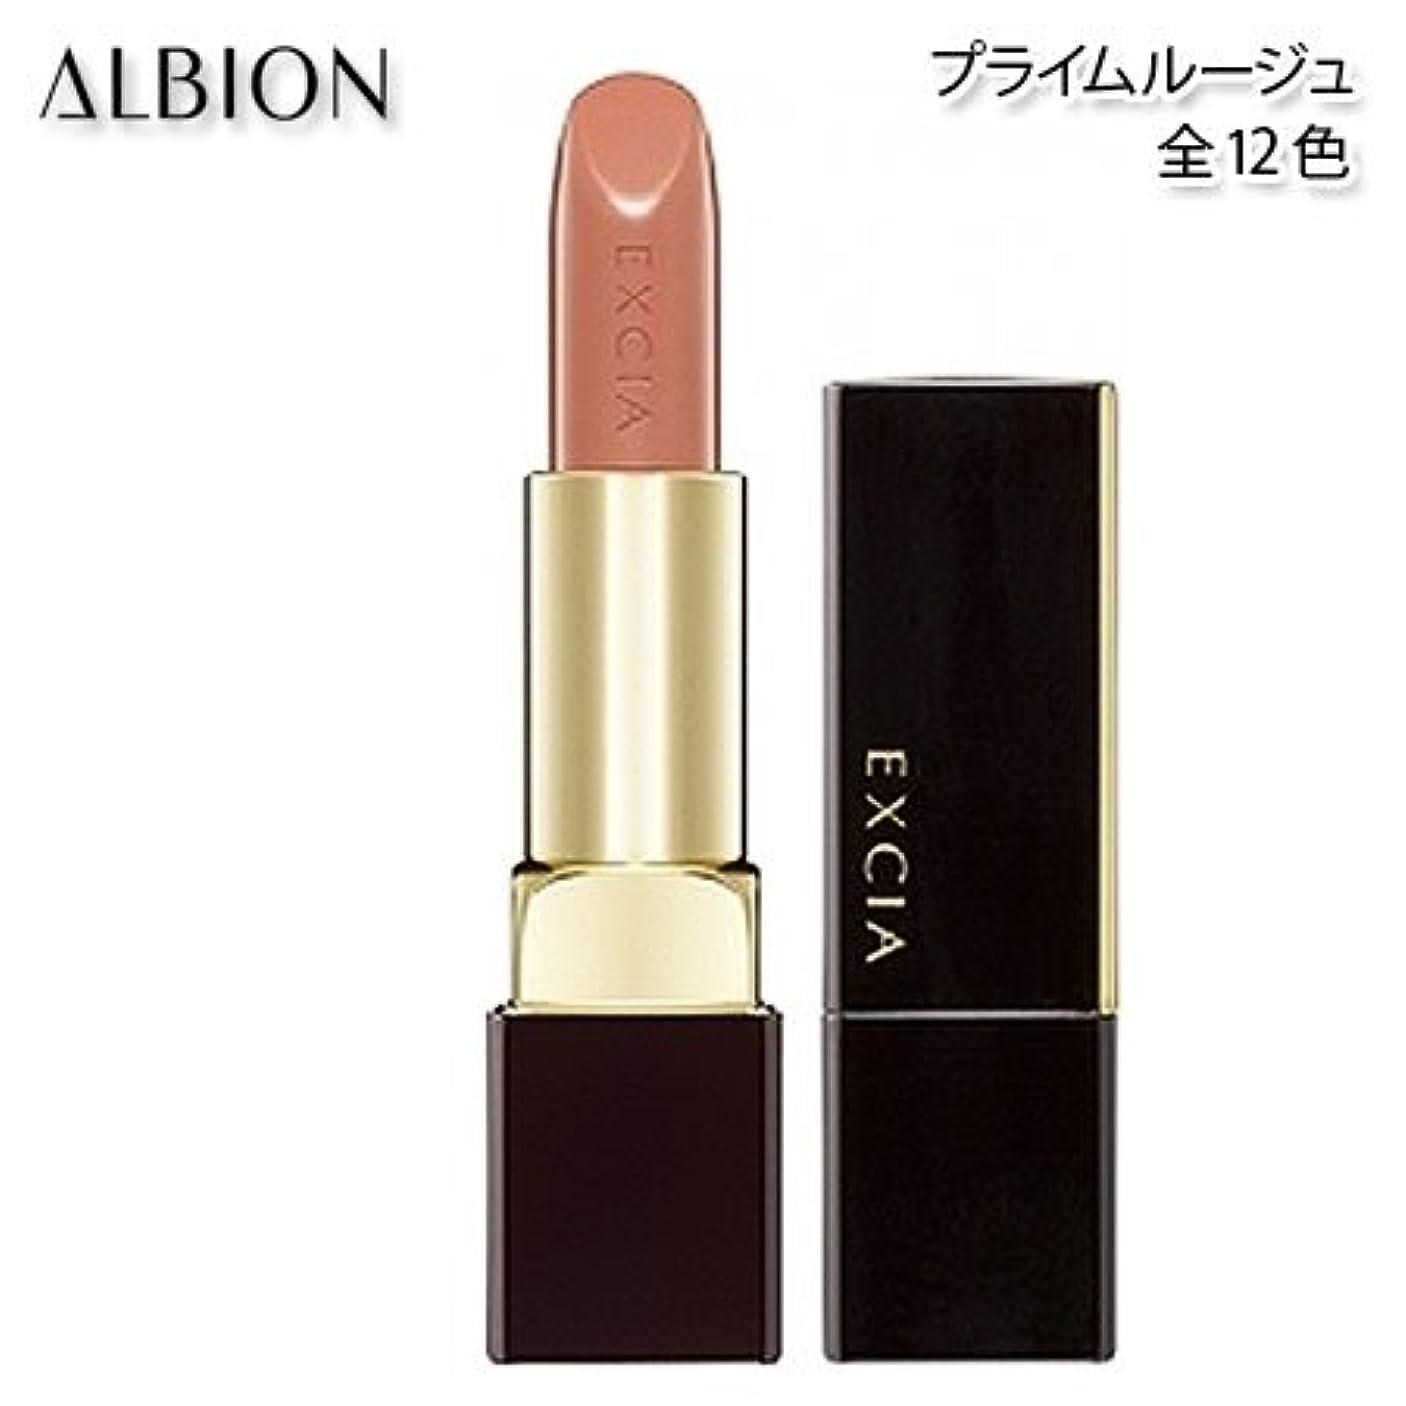 アルビオン エクシア AL プライムルージュ 4.2g 12色 -ALBION- RS501